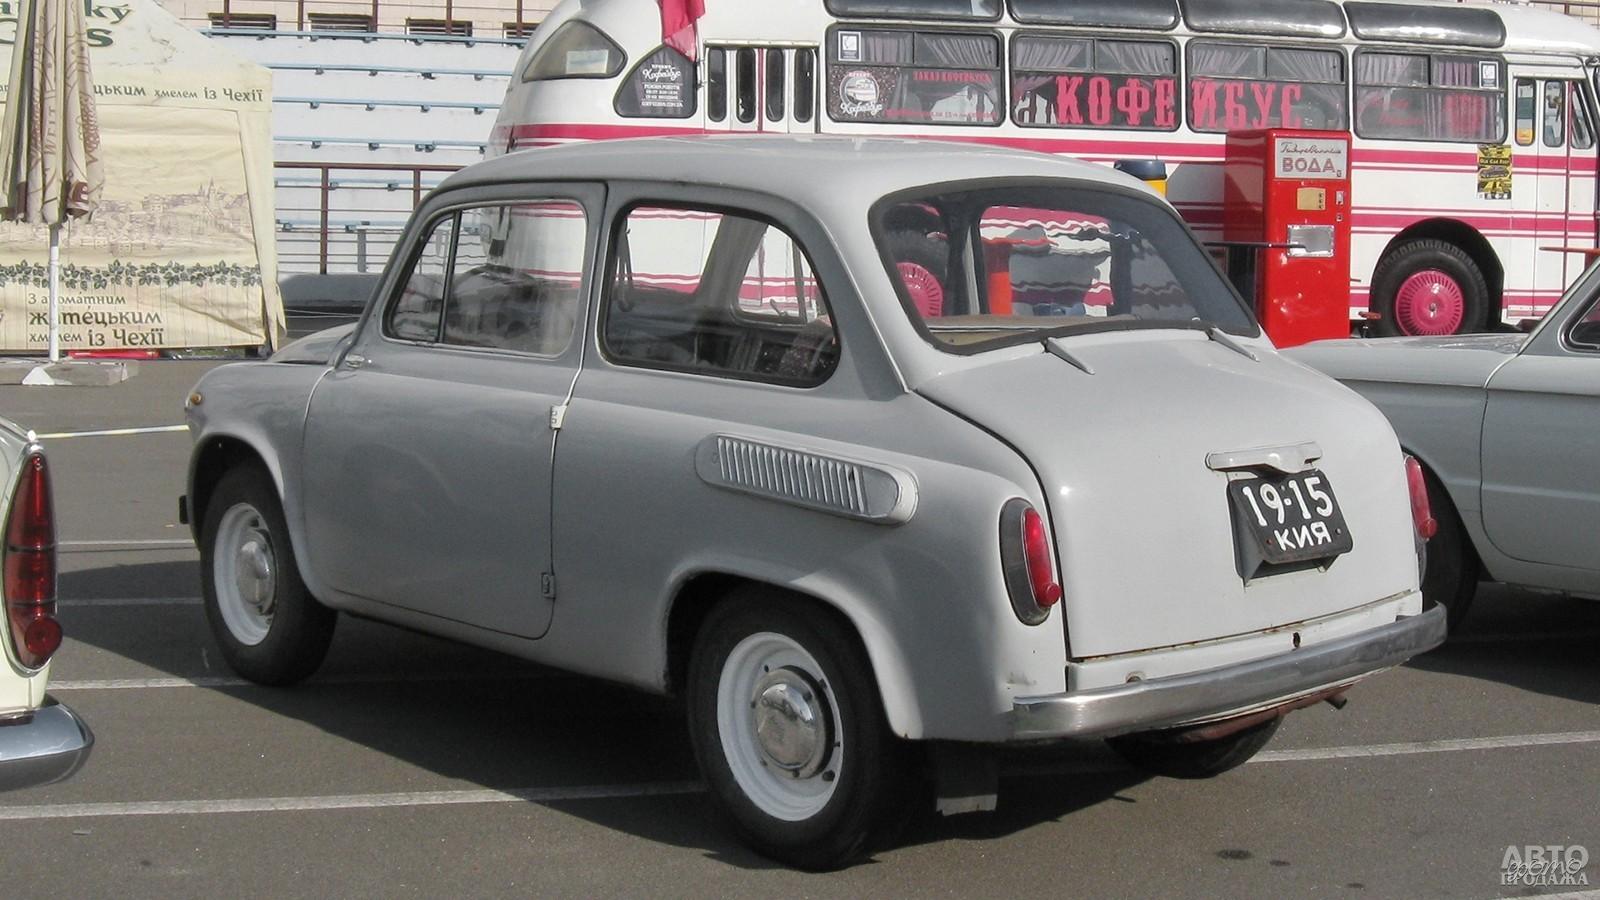 Дизайн создан под влиянием Fiat 600